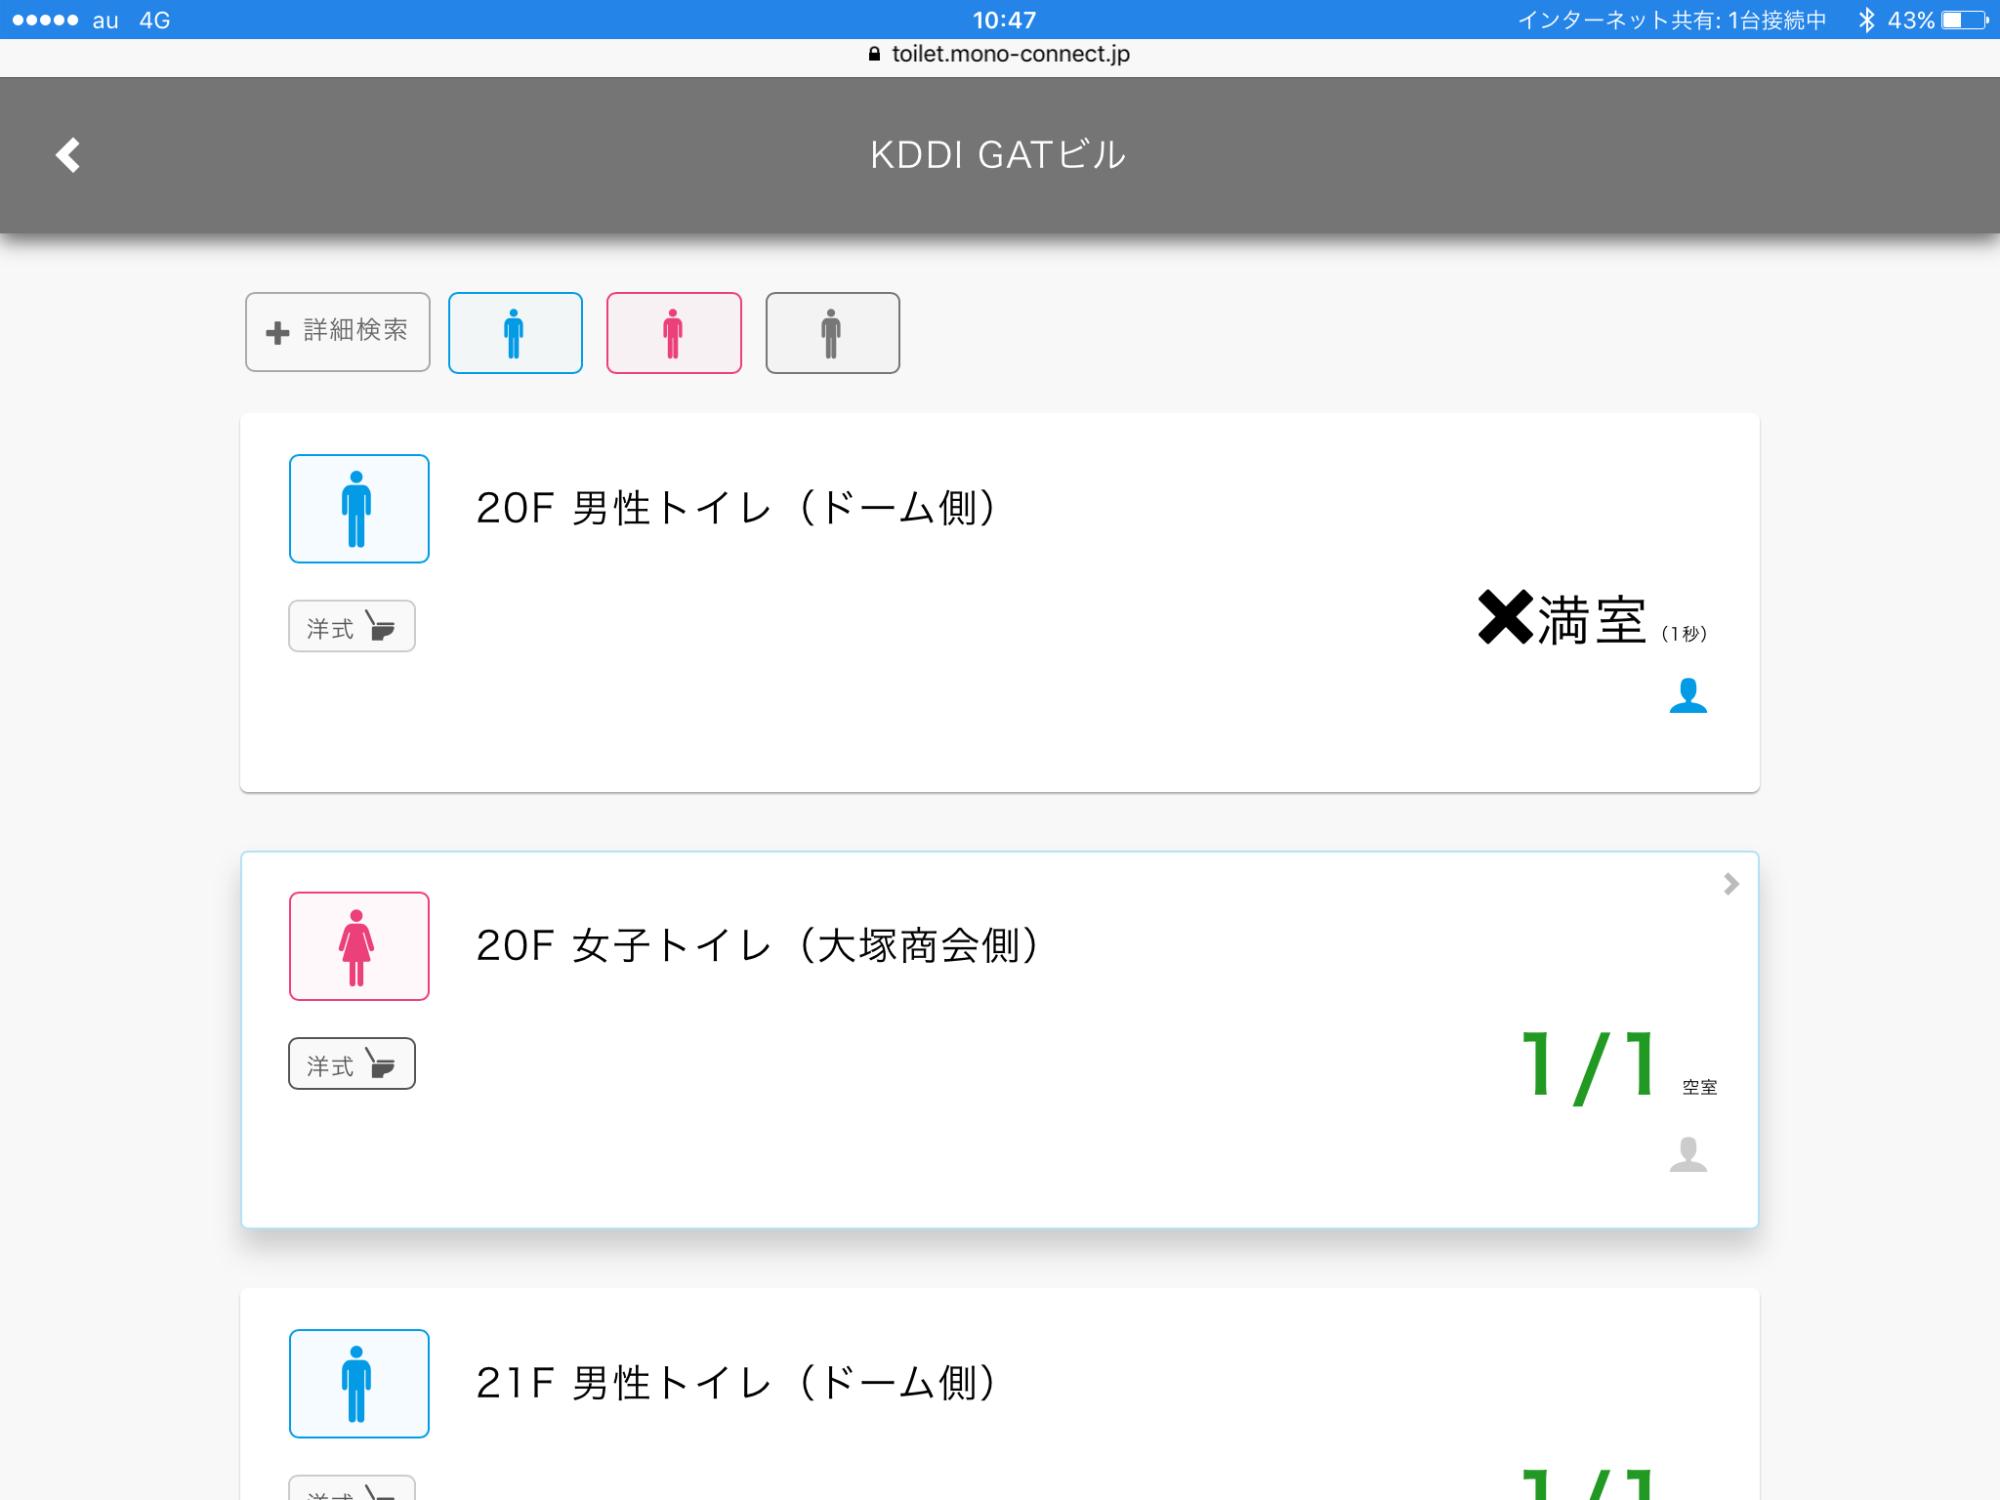 kddi-app-retretes-libres